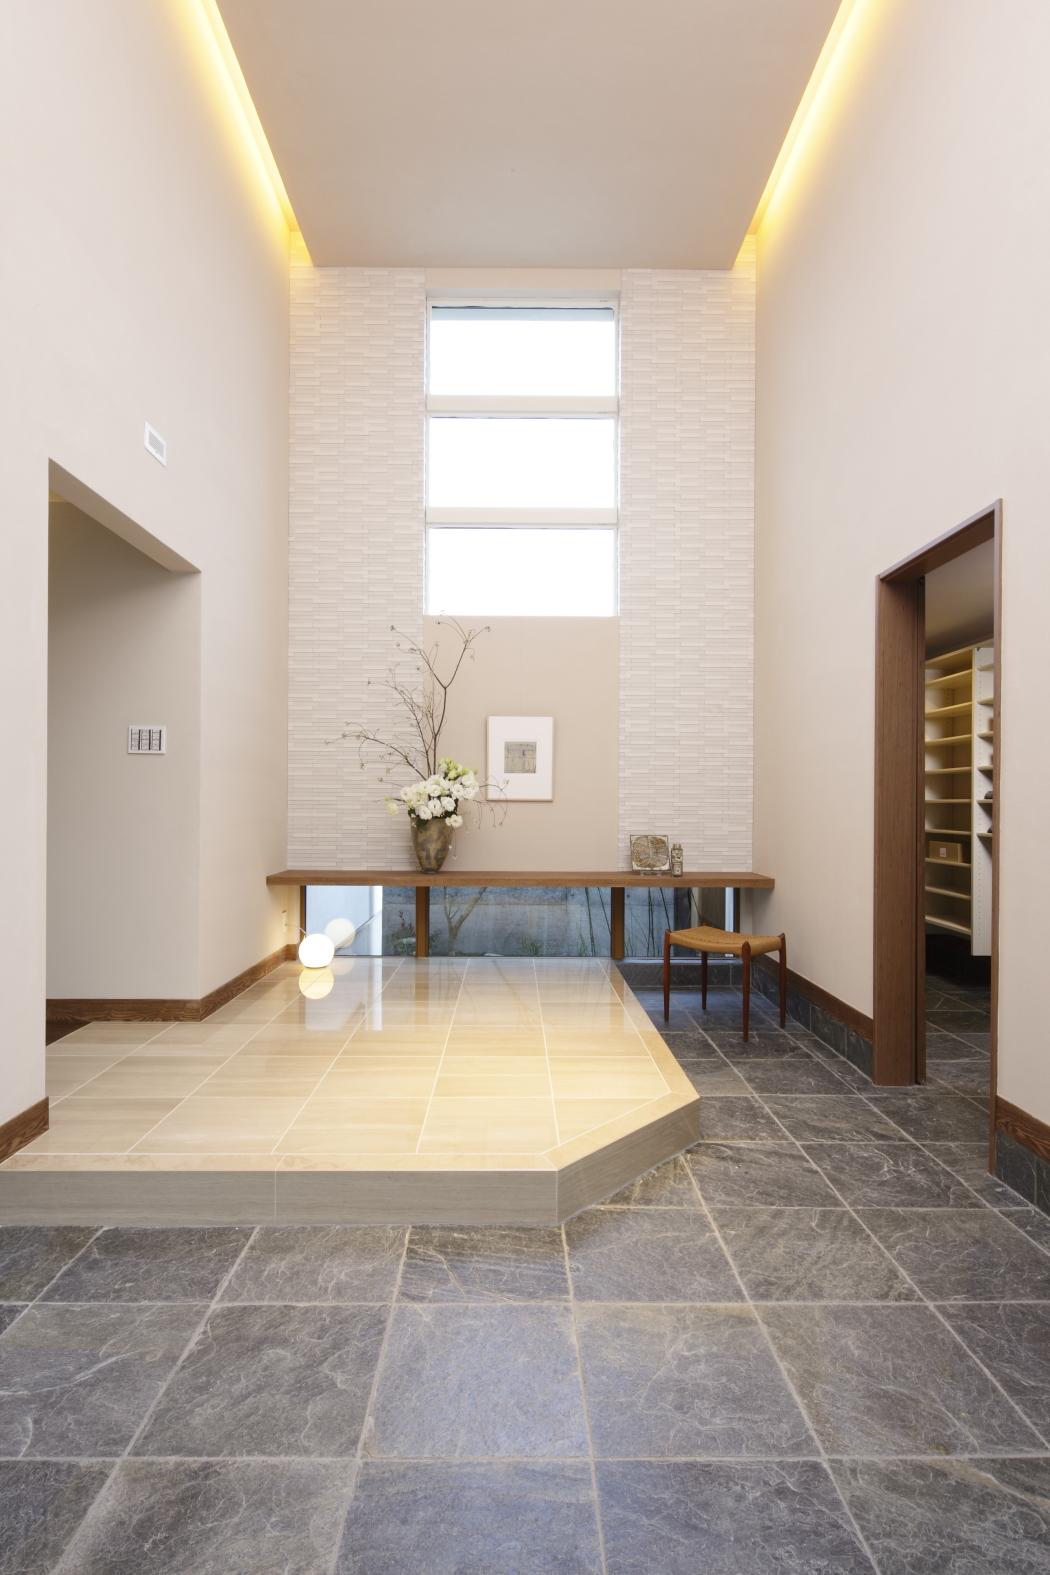 高い天井の玄関には大きな窓を配し採光性に優れています。